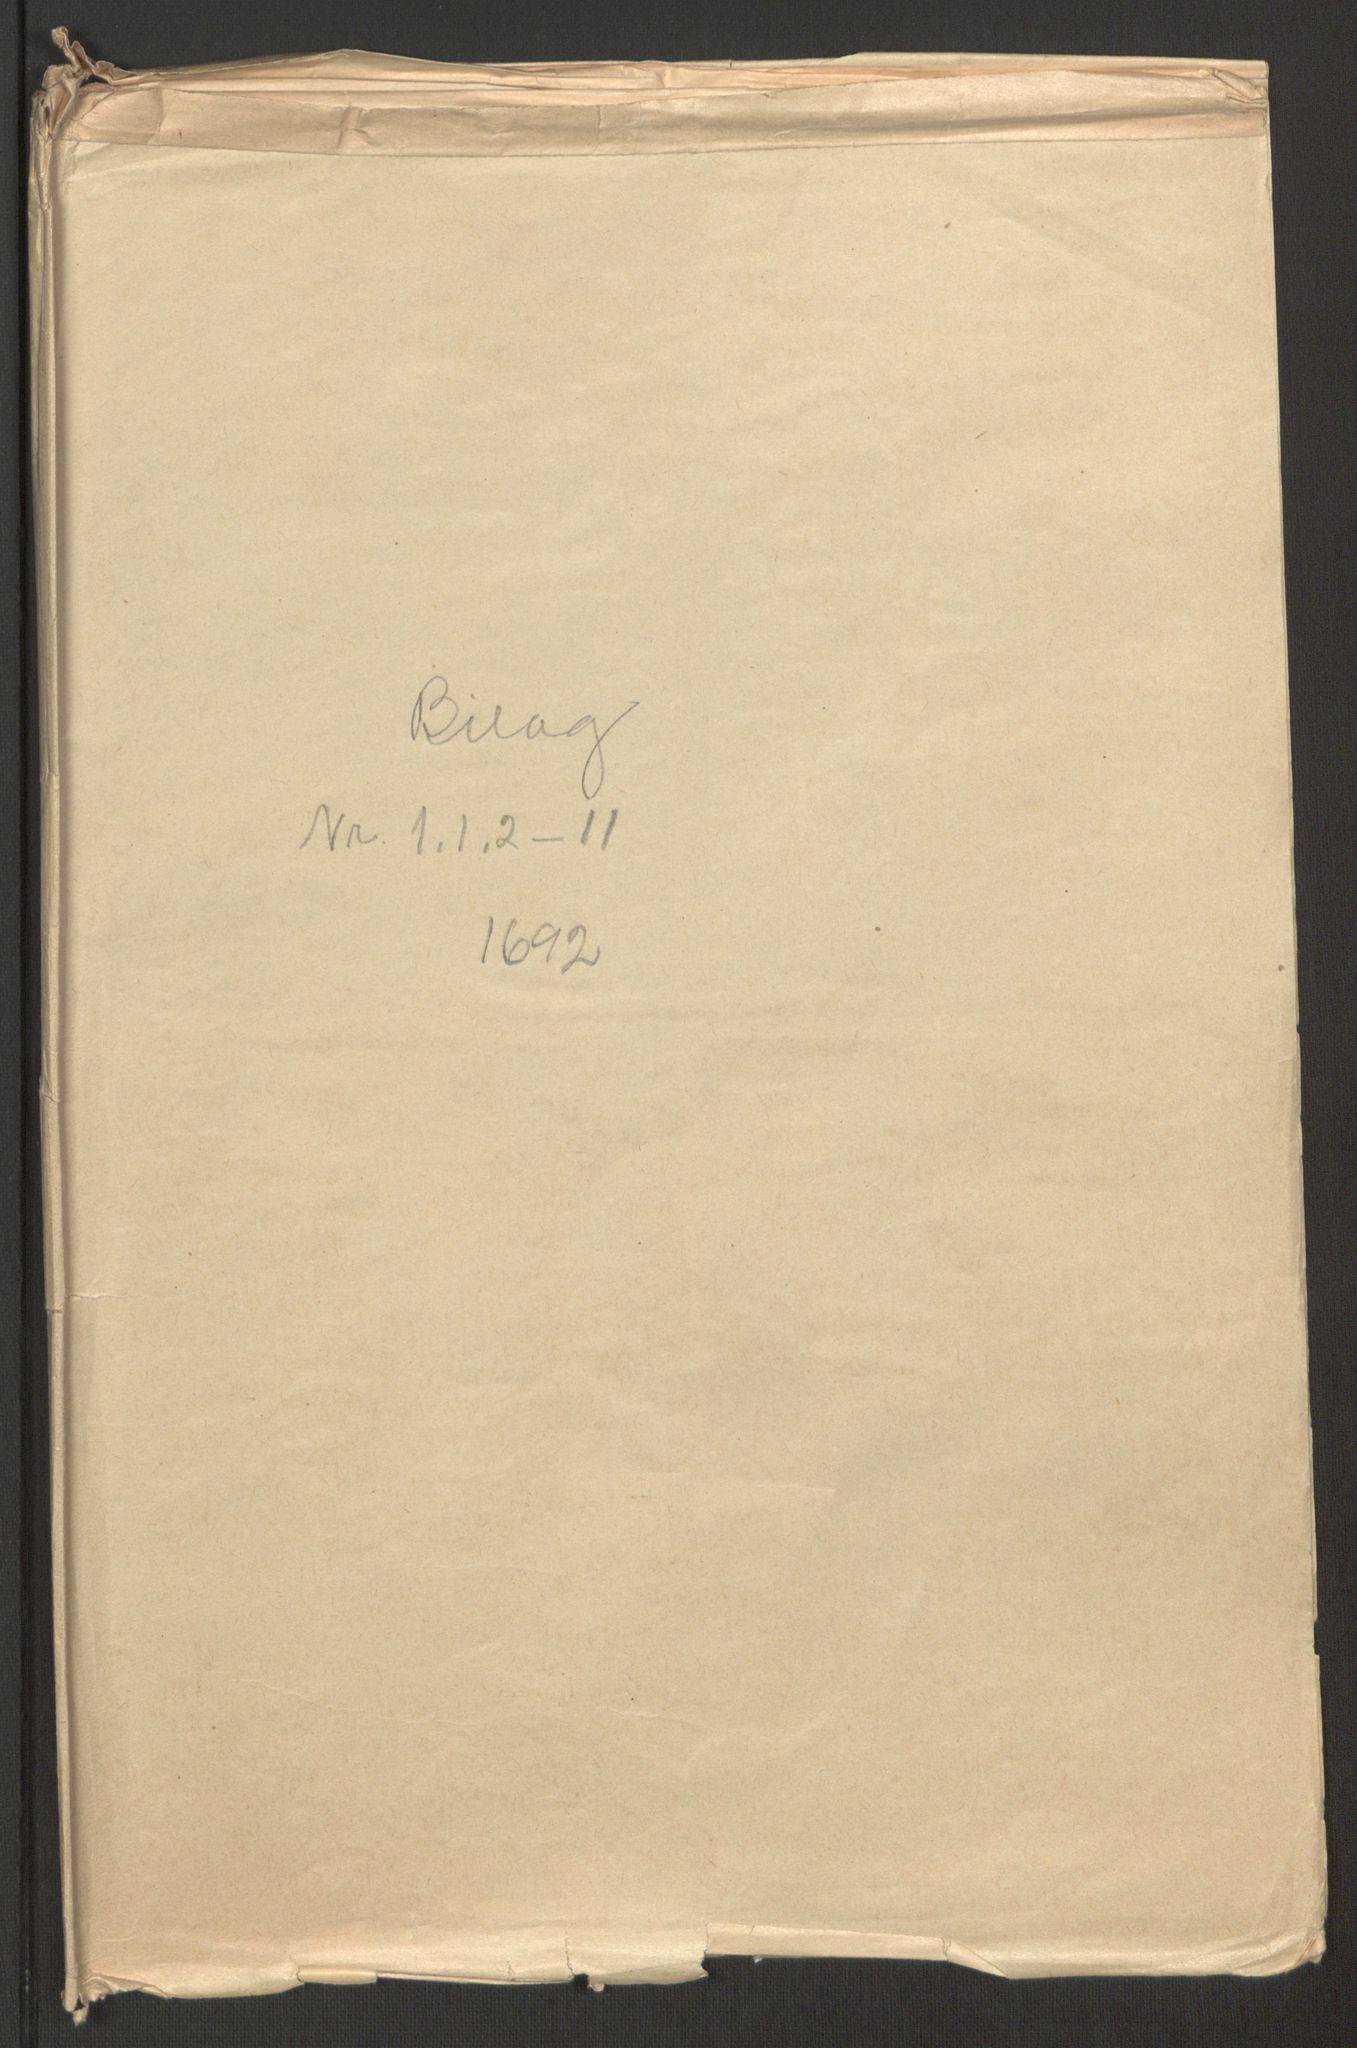 RA, Rentekammeret inntil 1814, Reviderte regnskaper, Fogderegnskap, R51/L3181: Fogderegnskap Nordhordland og Voss, 1691-1692, s. 351